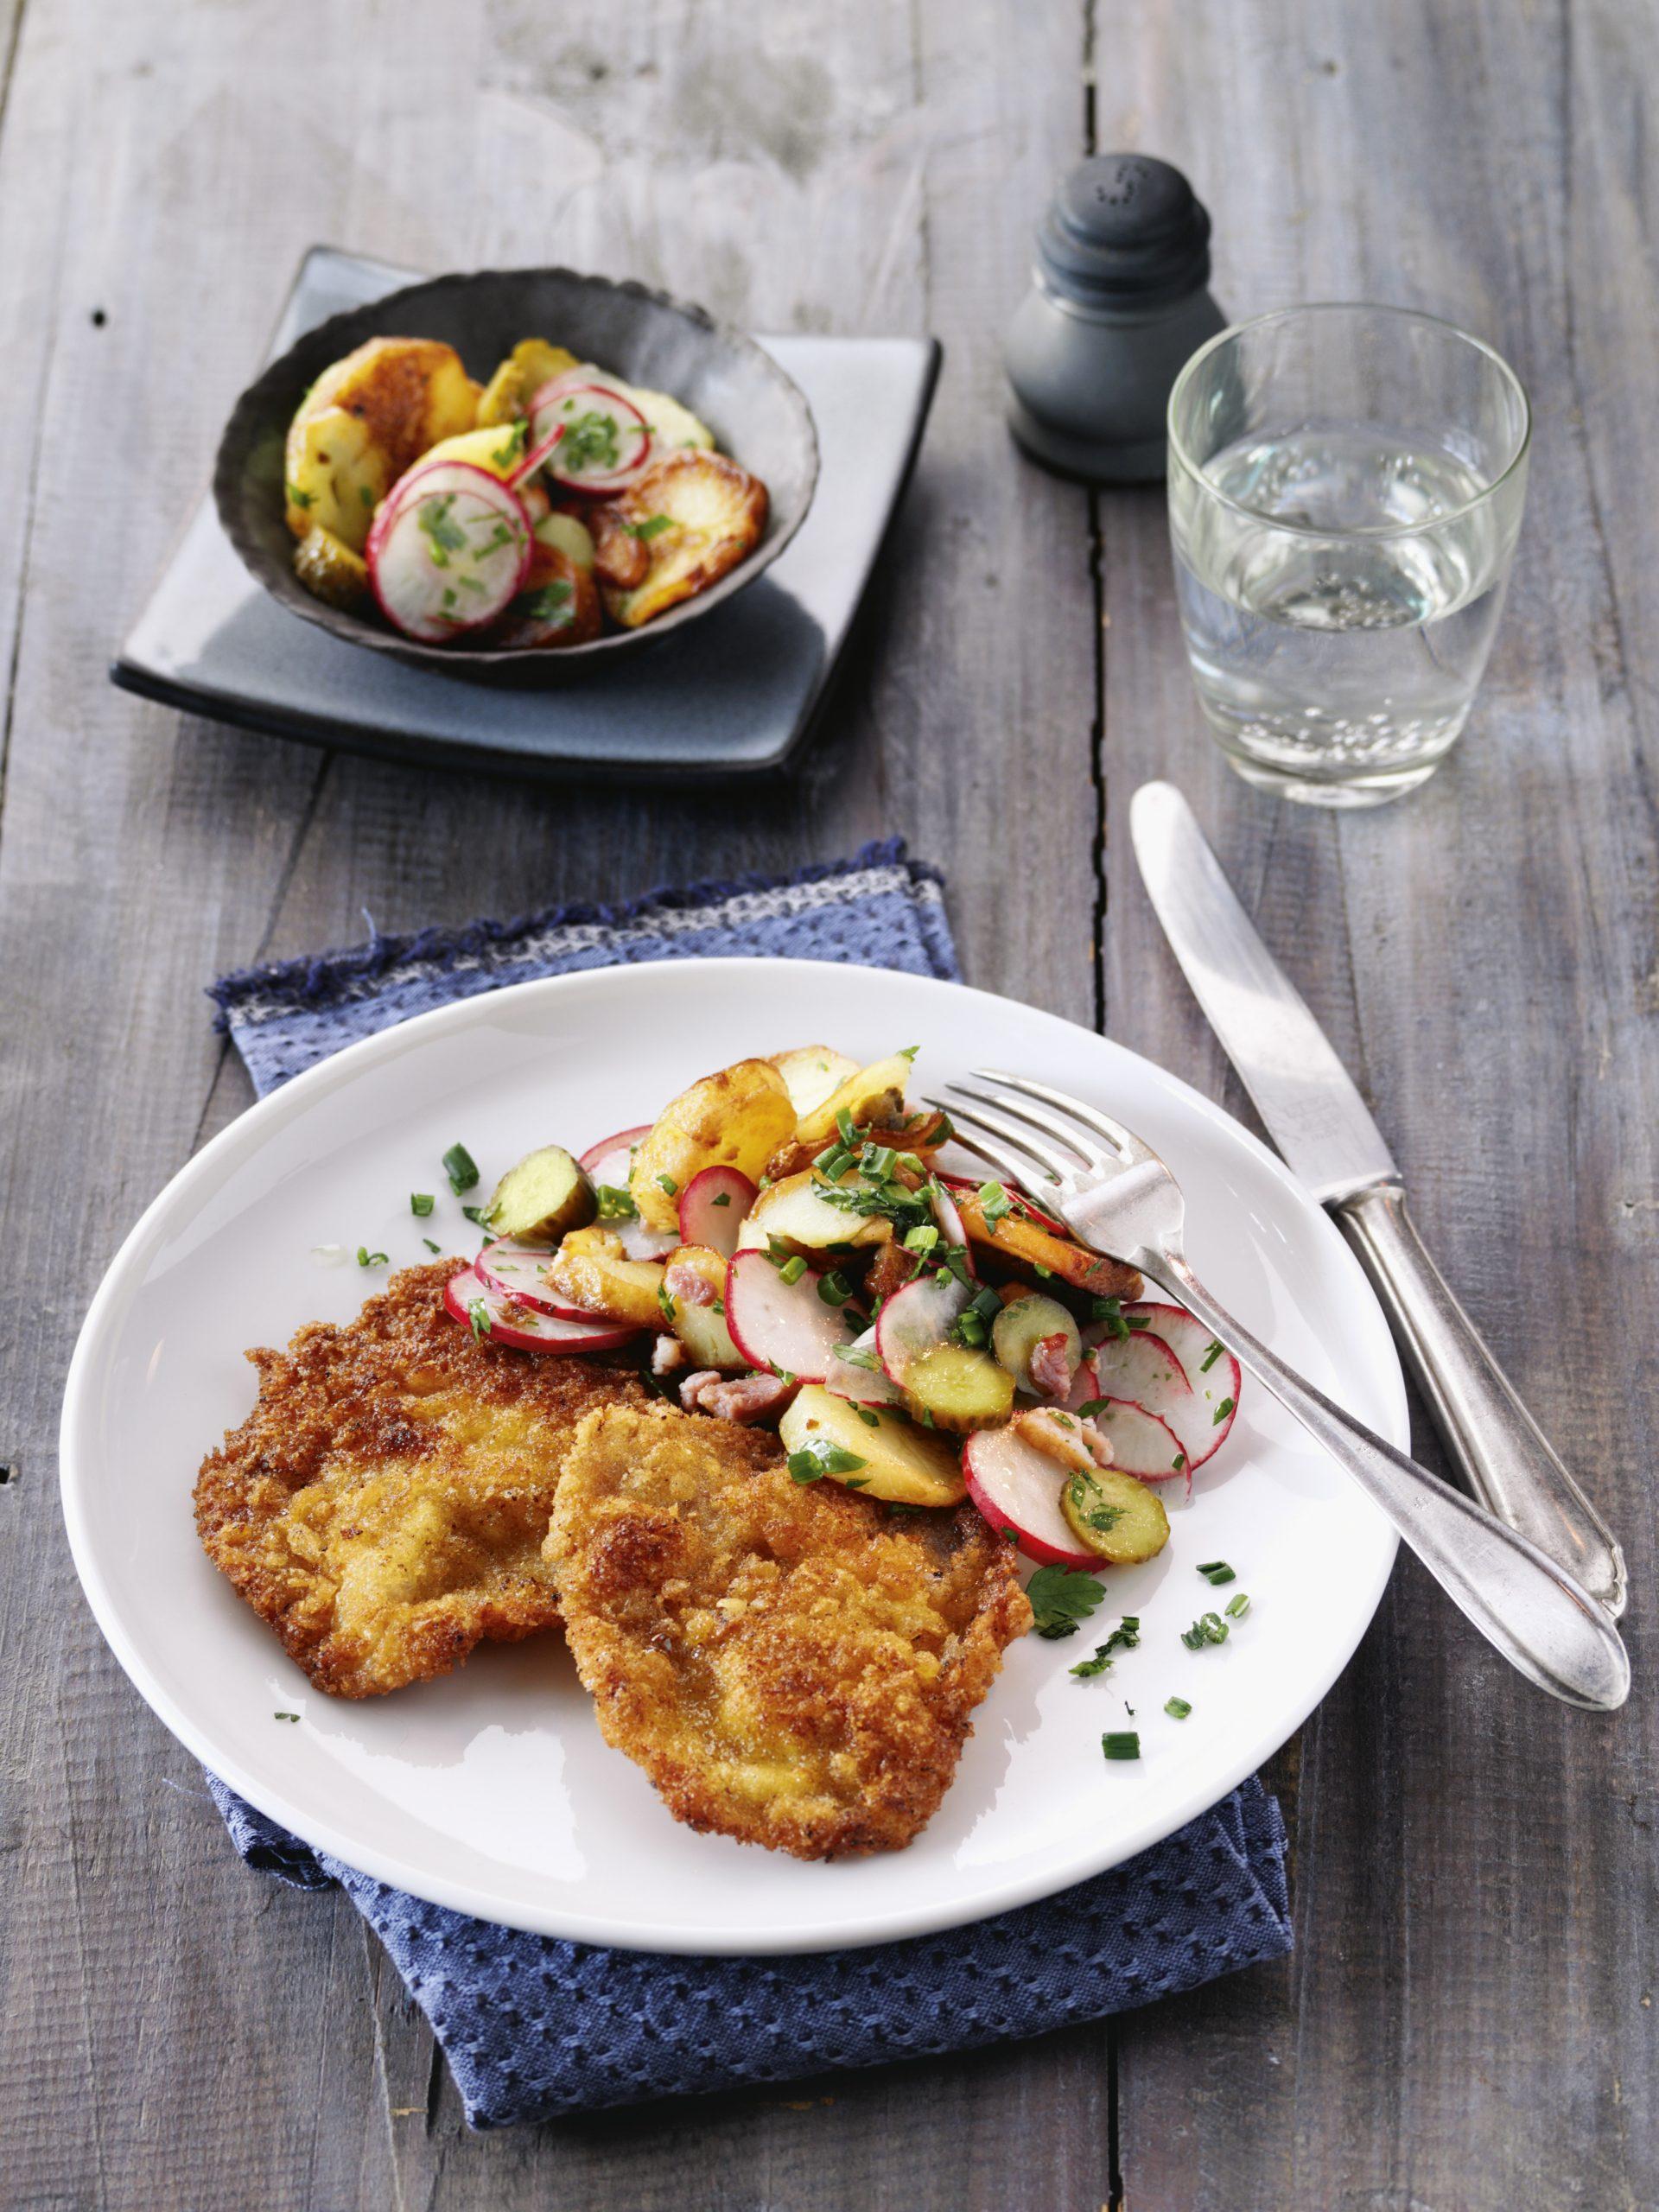 Panierte Schweineschnitzel mit Bratkartoffel-Radieschen-Salat